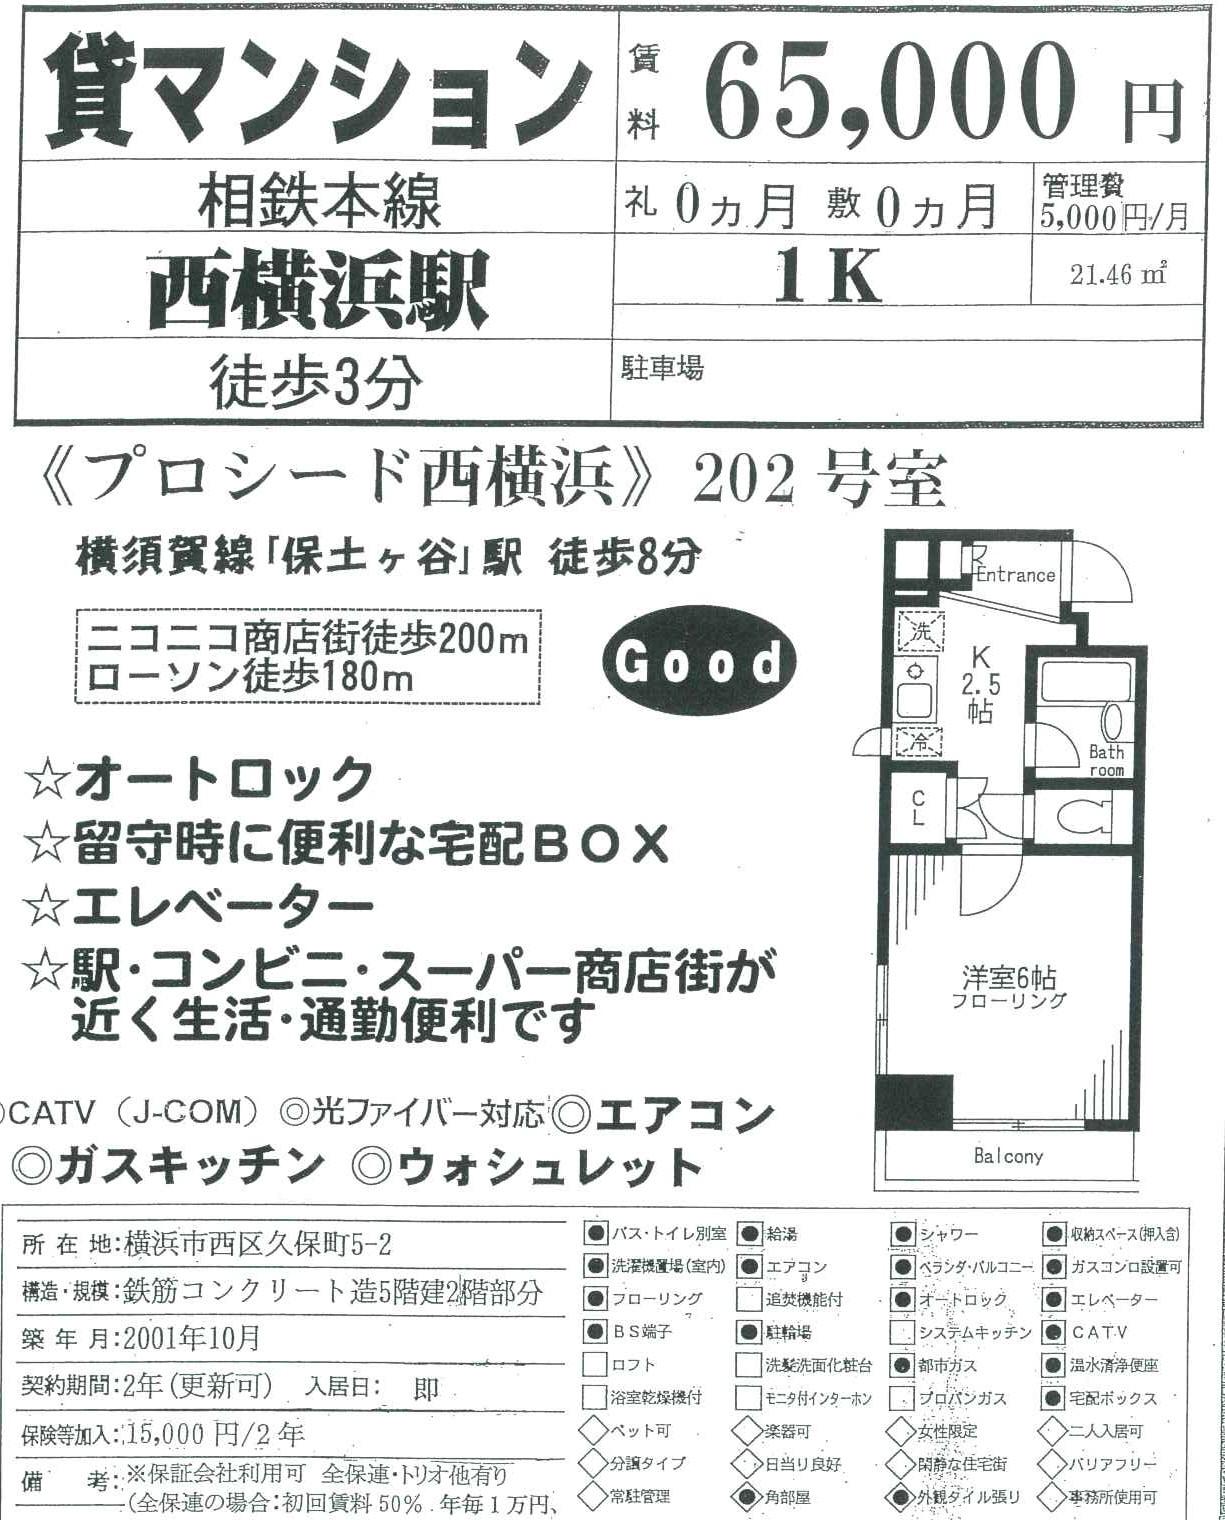 プロシード西横浜202